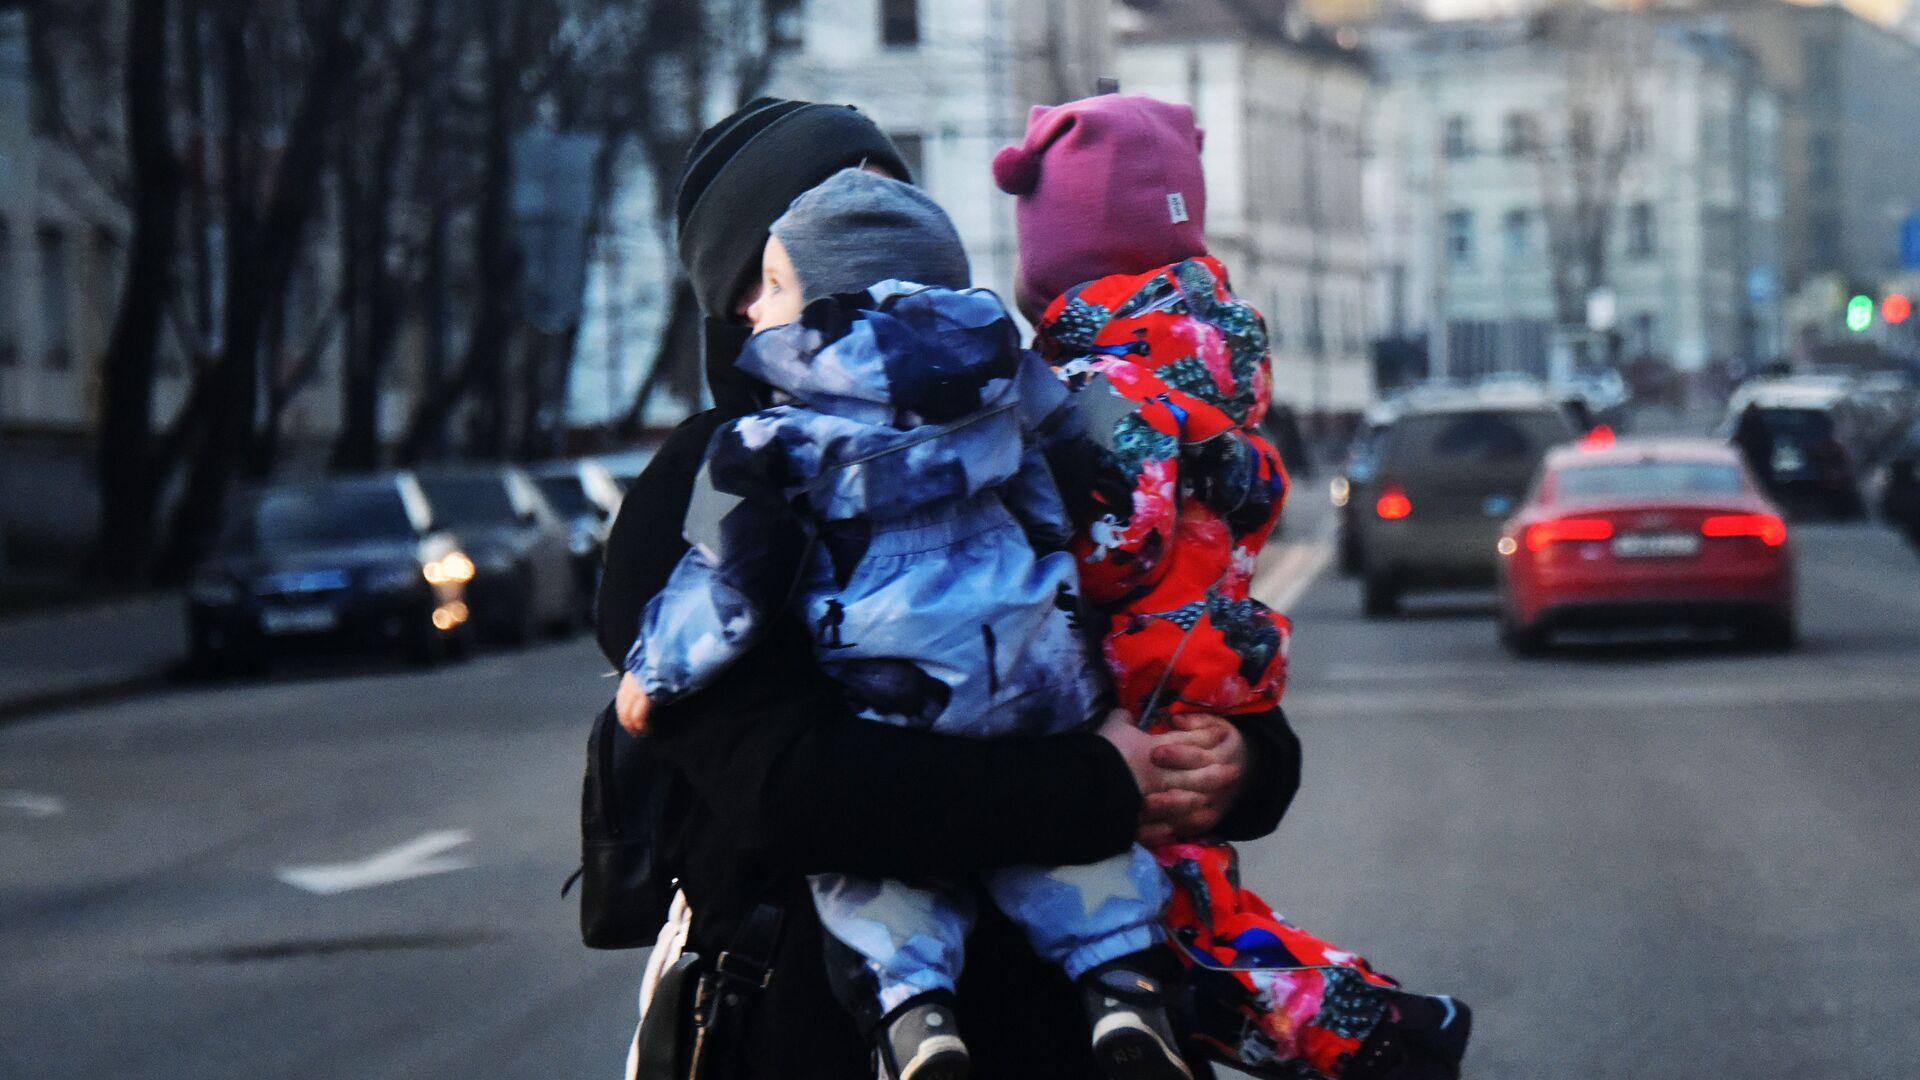 Женщина с двумя детьми на руках переходит дорогу. Архивное фото - РИА Новости, 1920, 03.12.2019